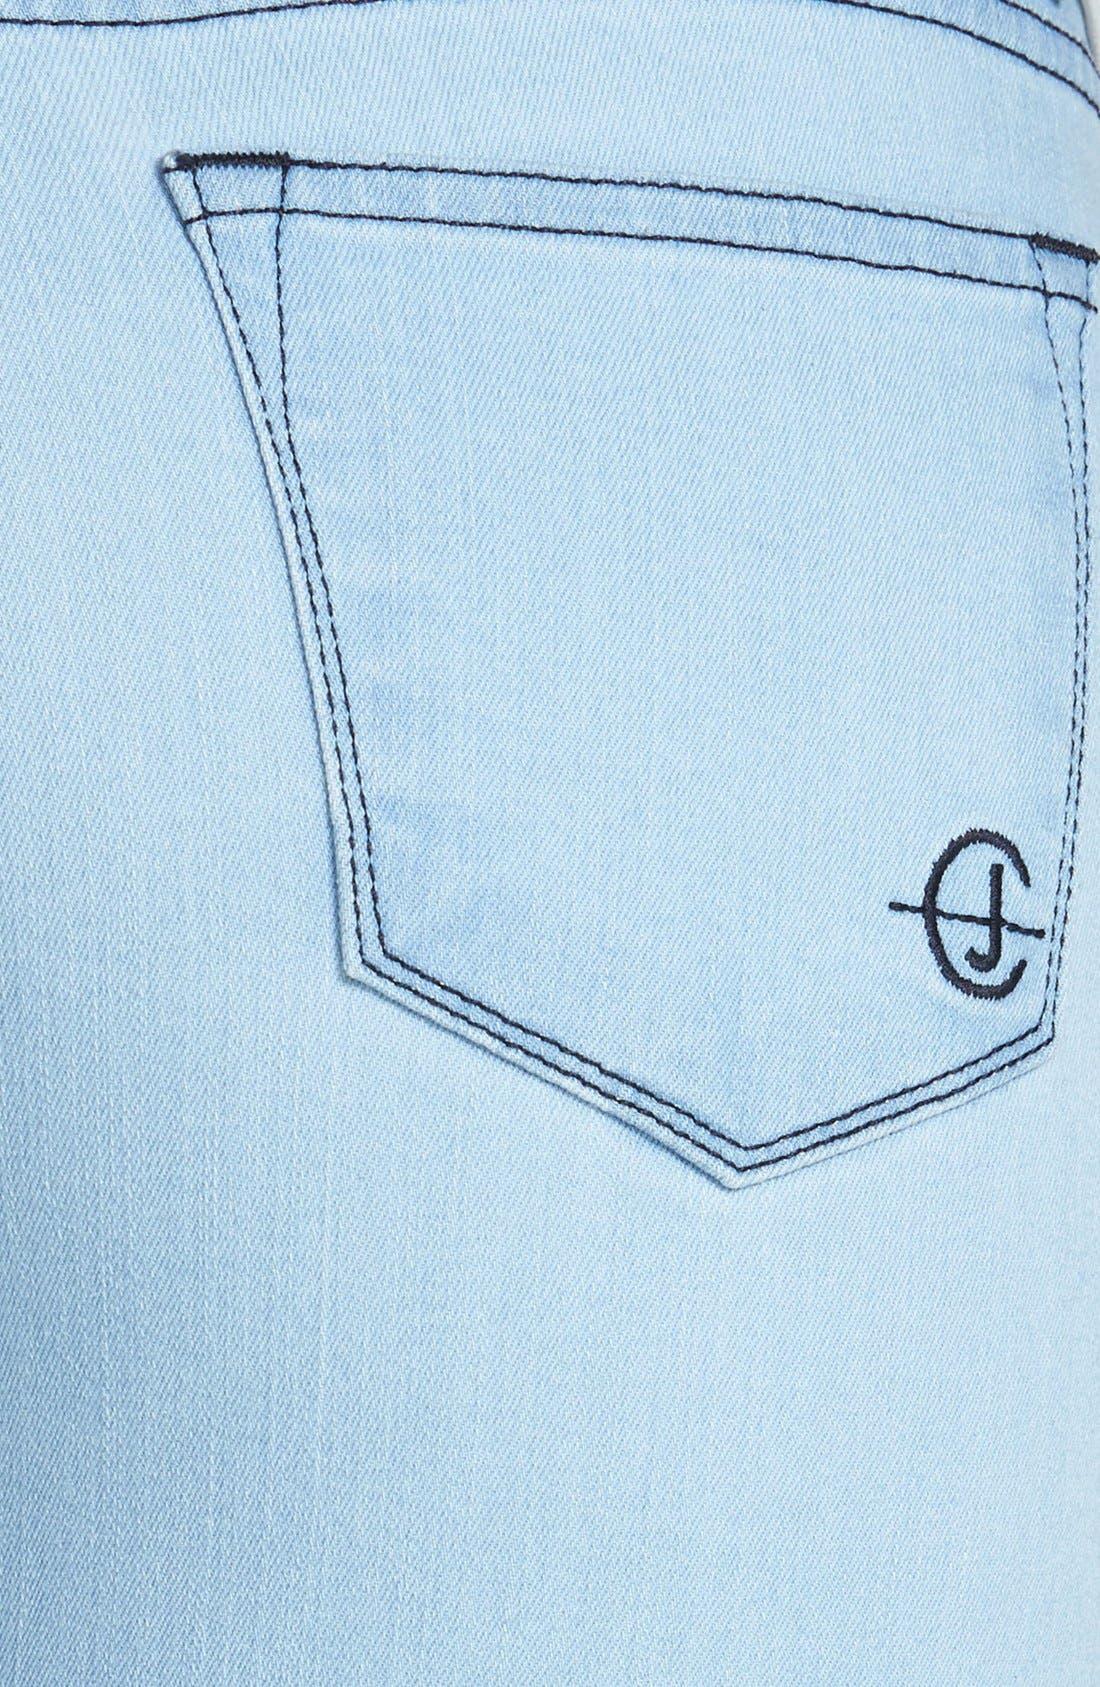 Alternate Image 3  - CJ by Cookie Johnson 'Wisdom' Stretch Ankle Skinny Jeans (Sawyer)